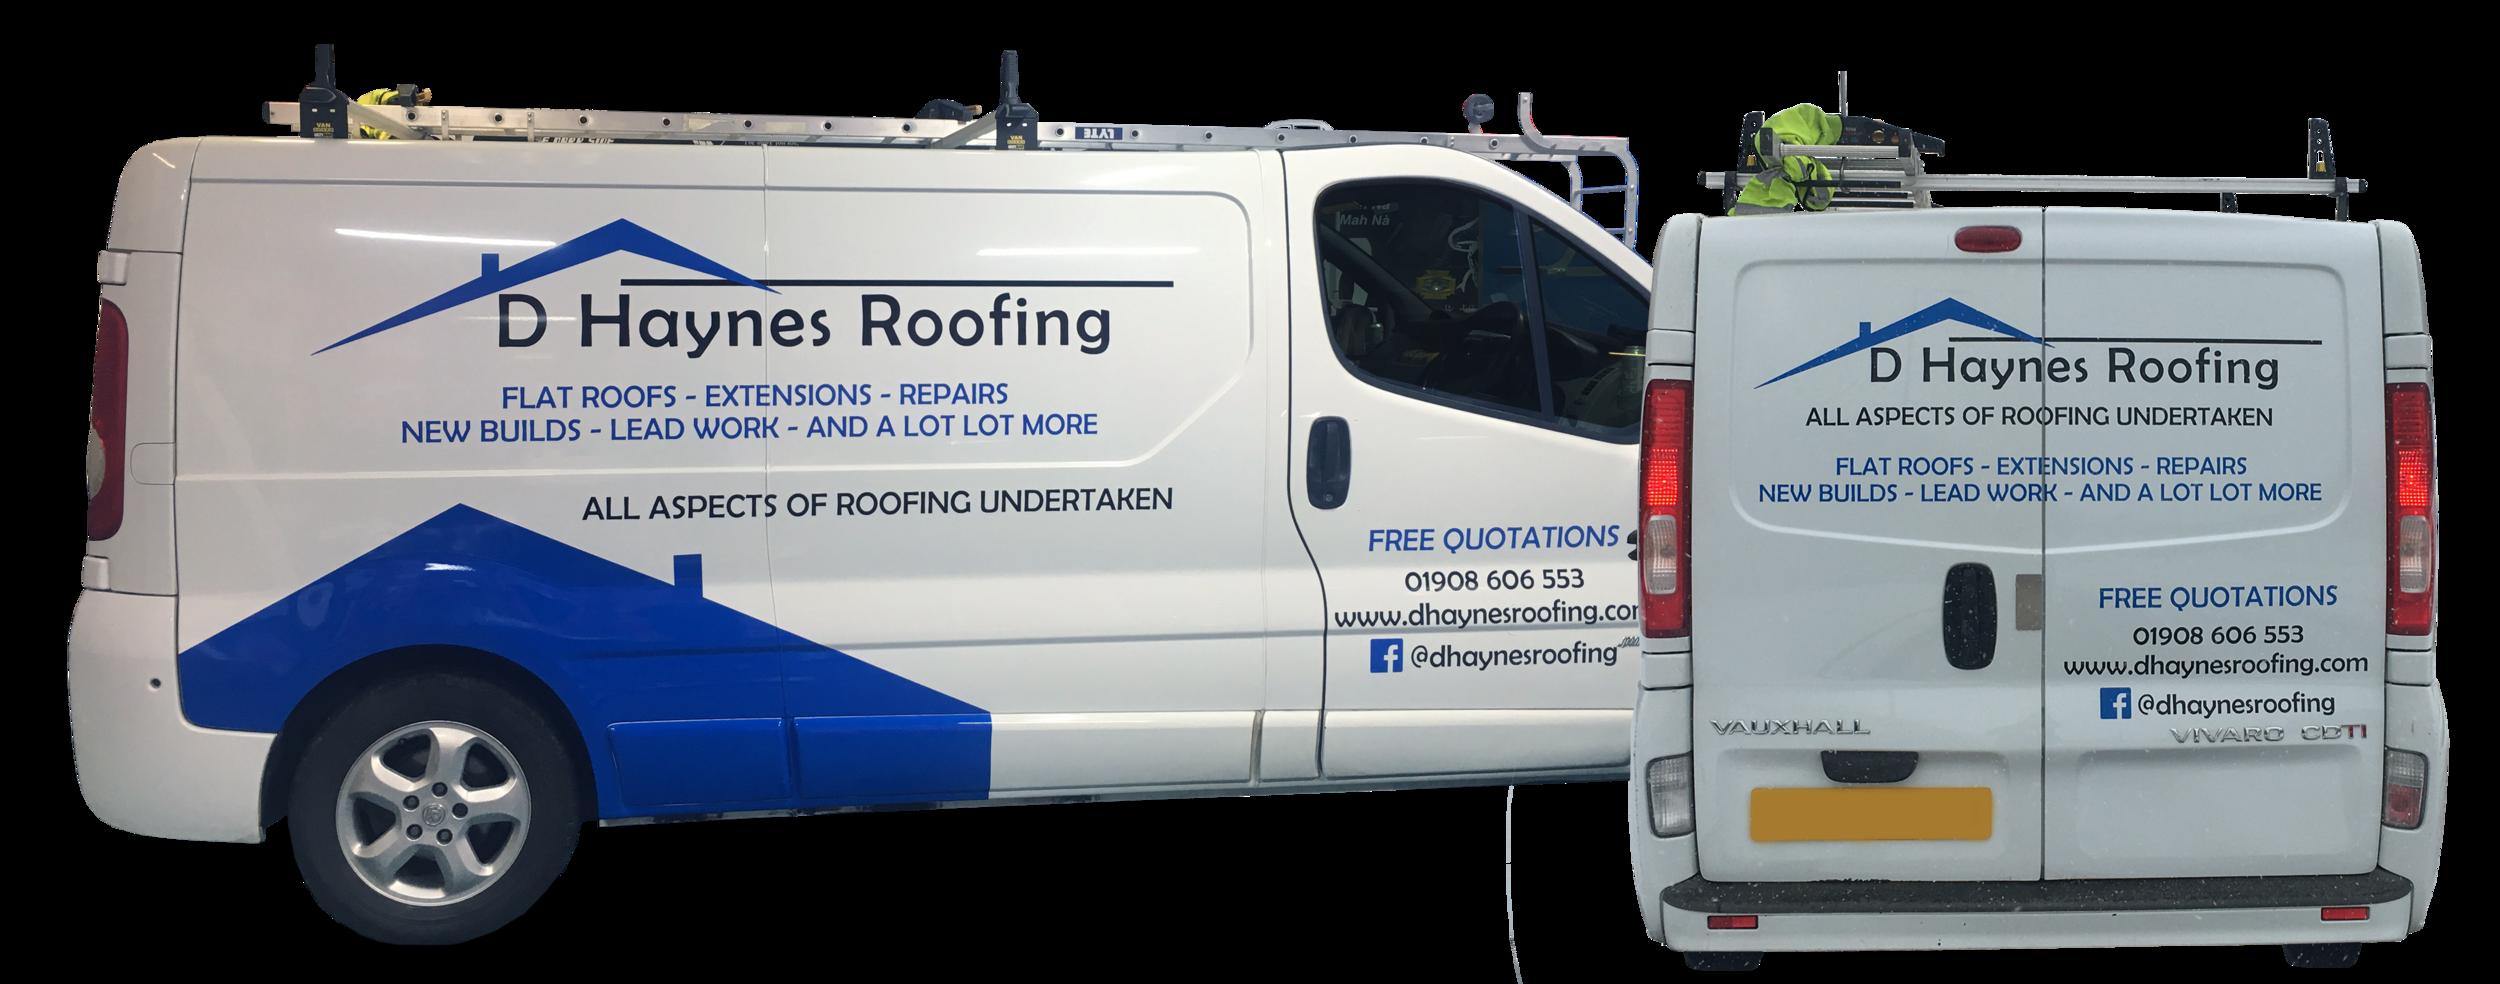 milton keynes roofing, d haynes roofing, bedfordshire roof, roofing specialist, roof repair, tile, lead work